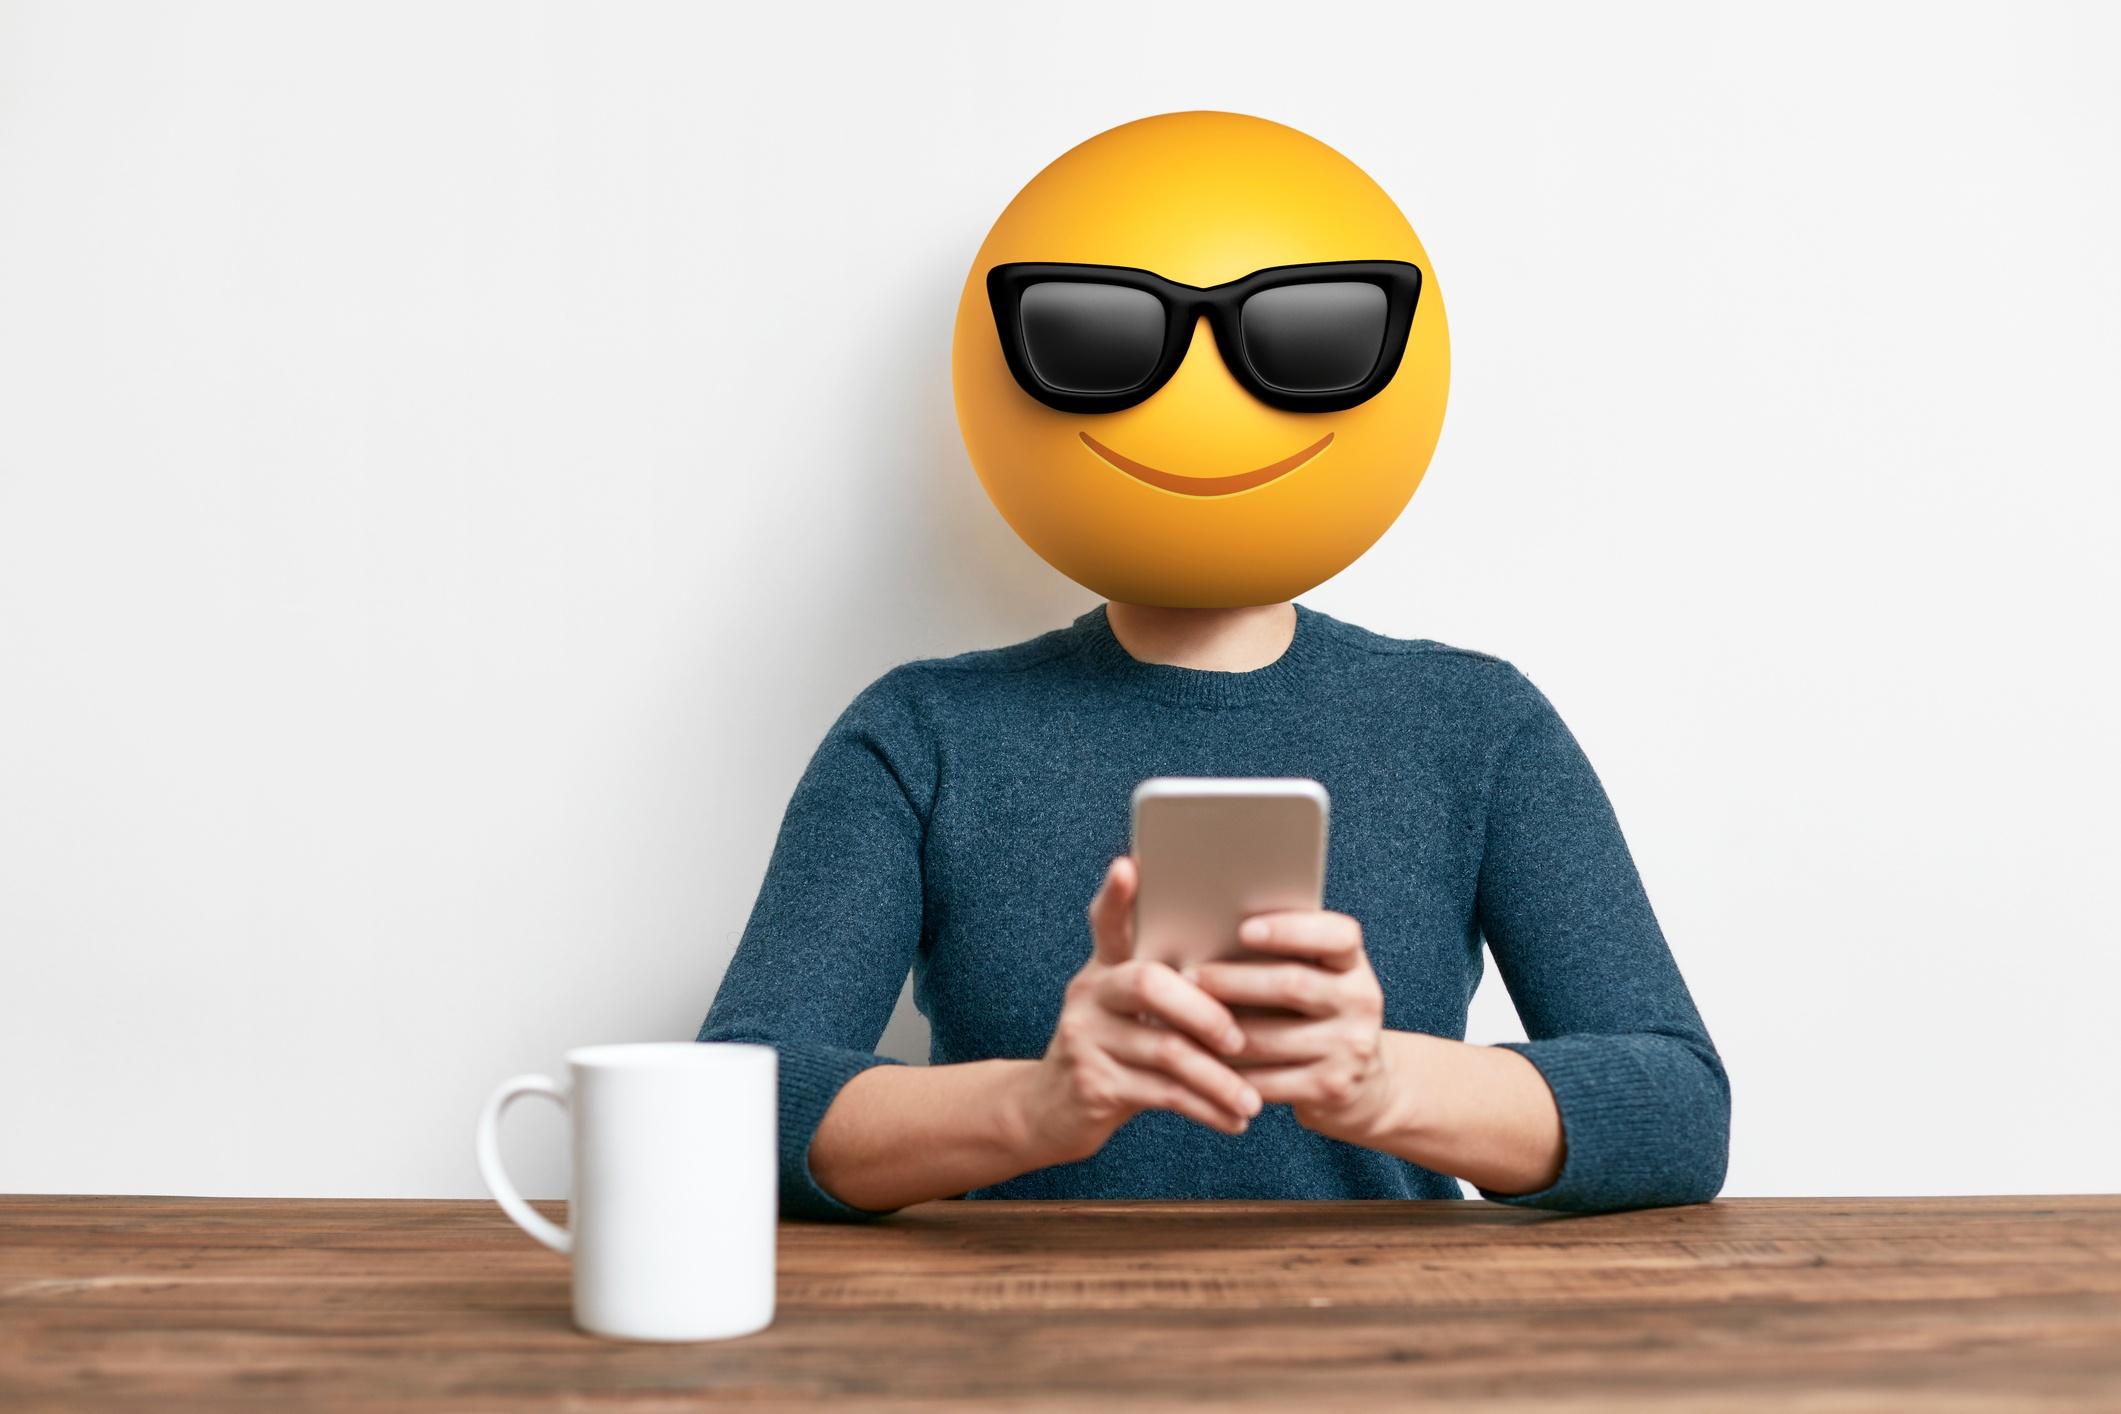 ¿Qué significan los emojis de Snapchat? 👻 😎